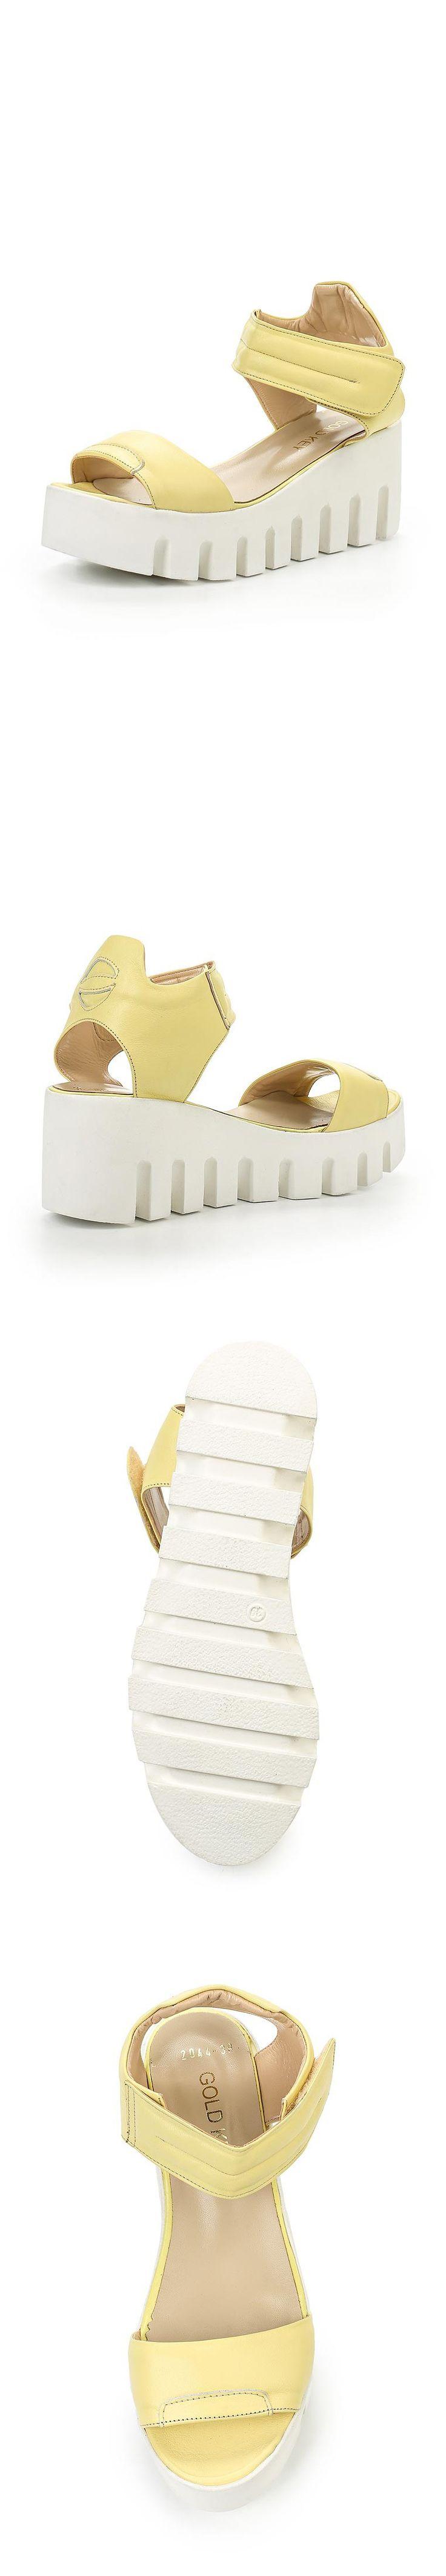 Женская обувь босоножки Gold Key за 6550.00 руб.